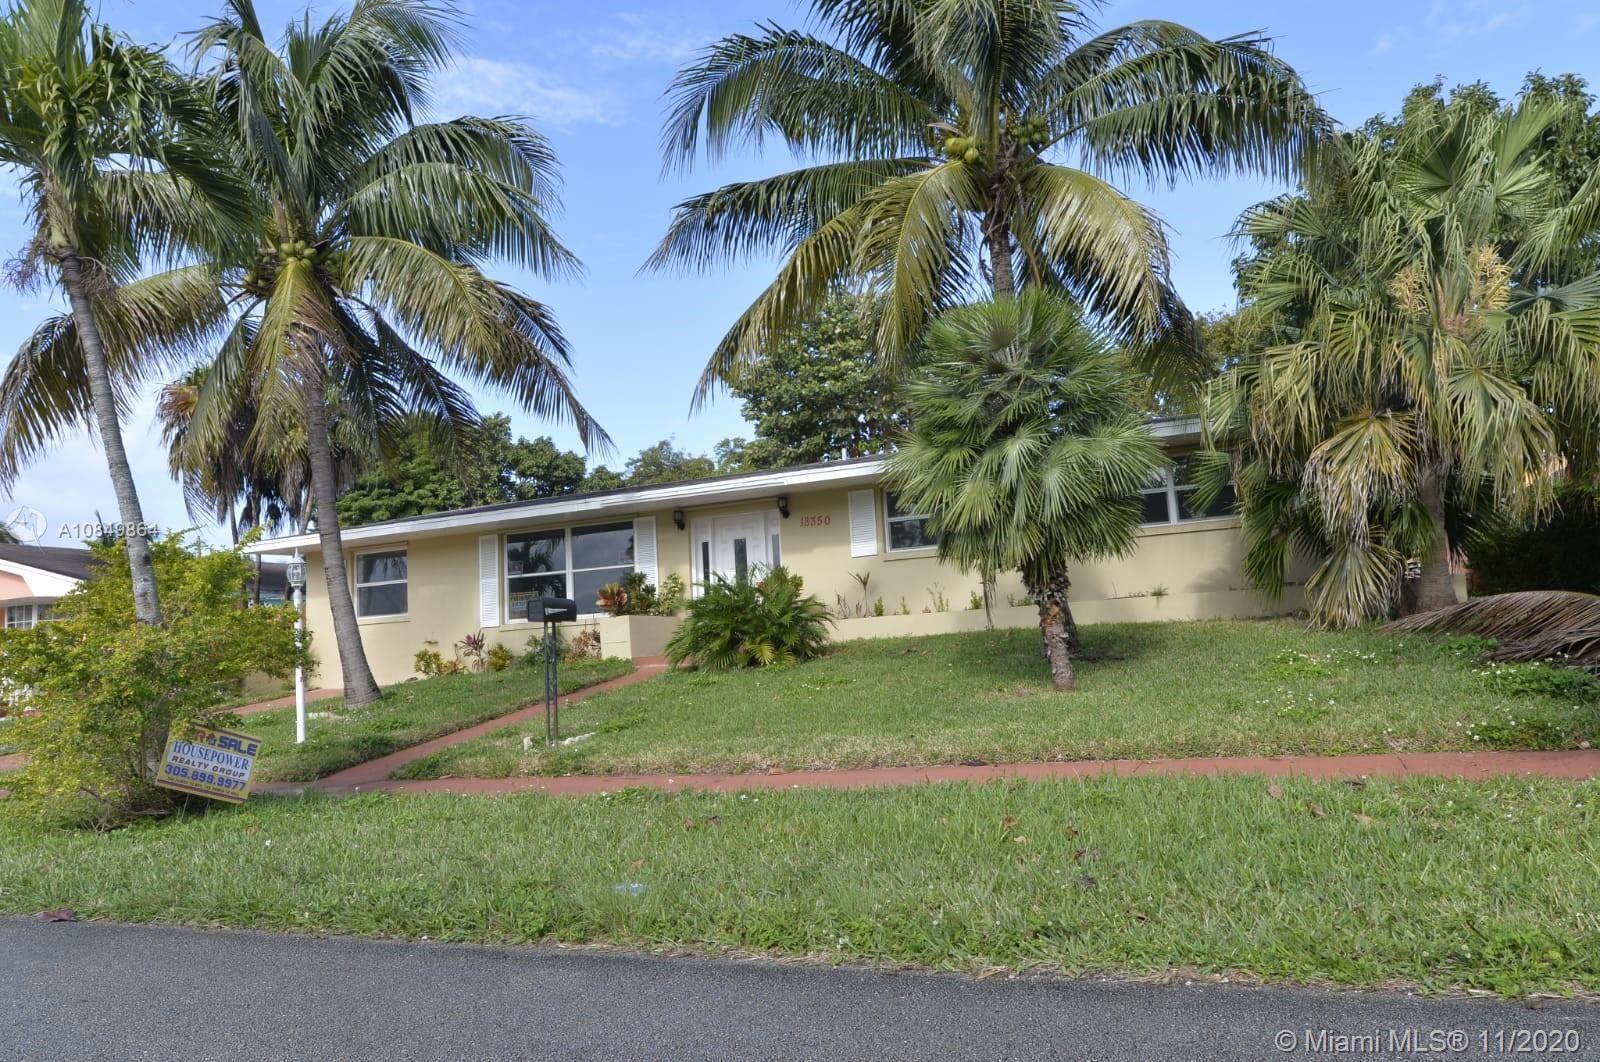 18350 NE 11 Ave, Miami, FL 33179 - #: A10849864